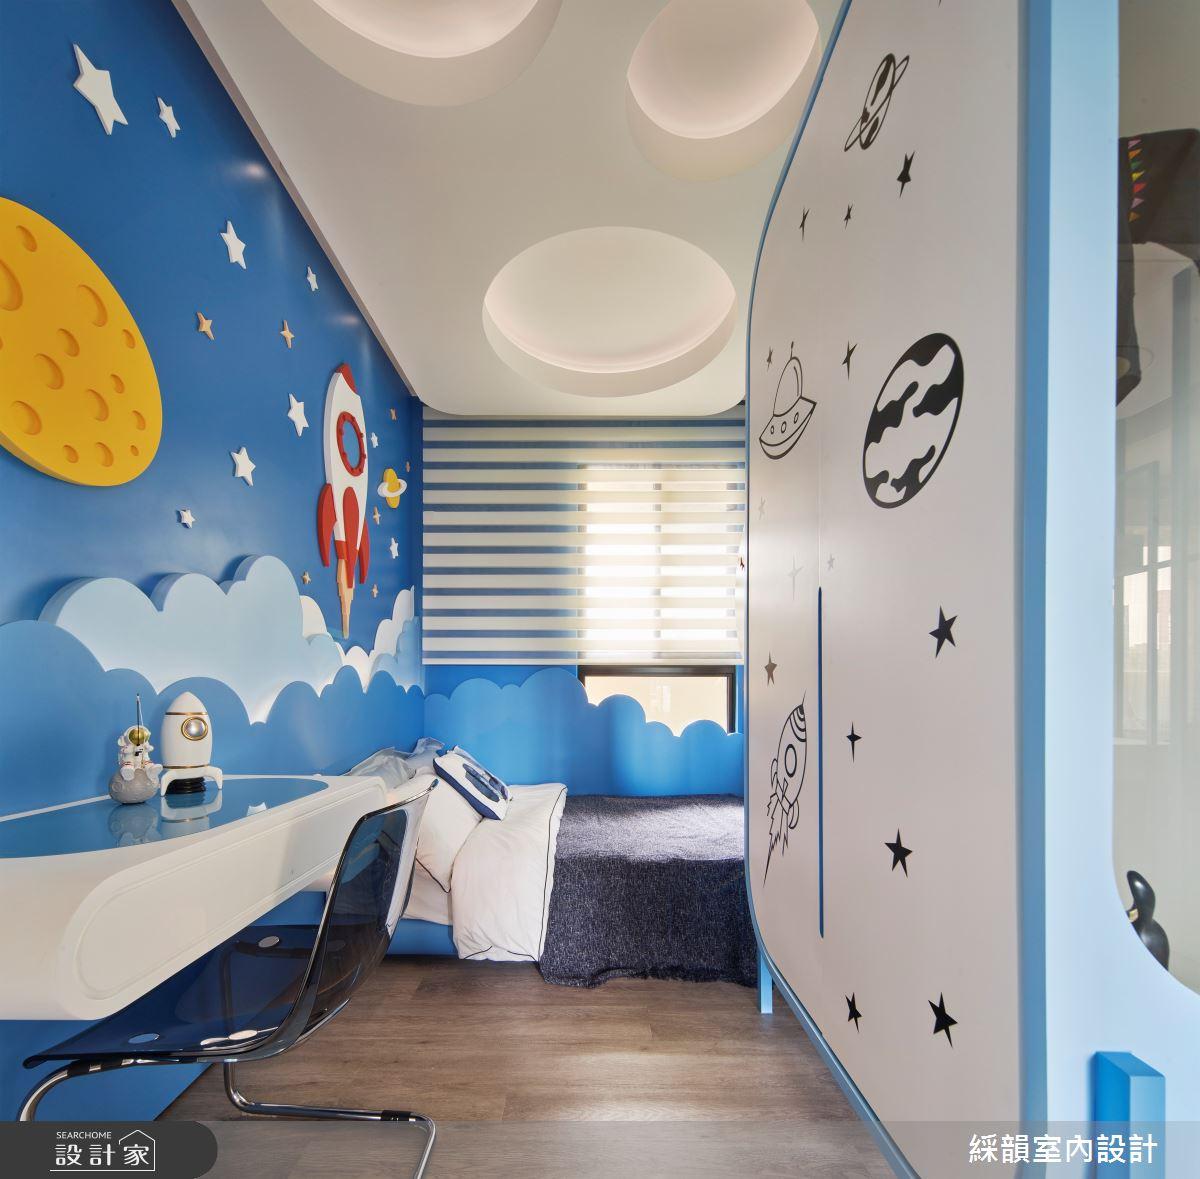 45坪預售屋_現代風案例圖片_綵韻室內設計有限公司_綵韻_39之16